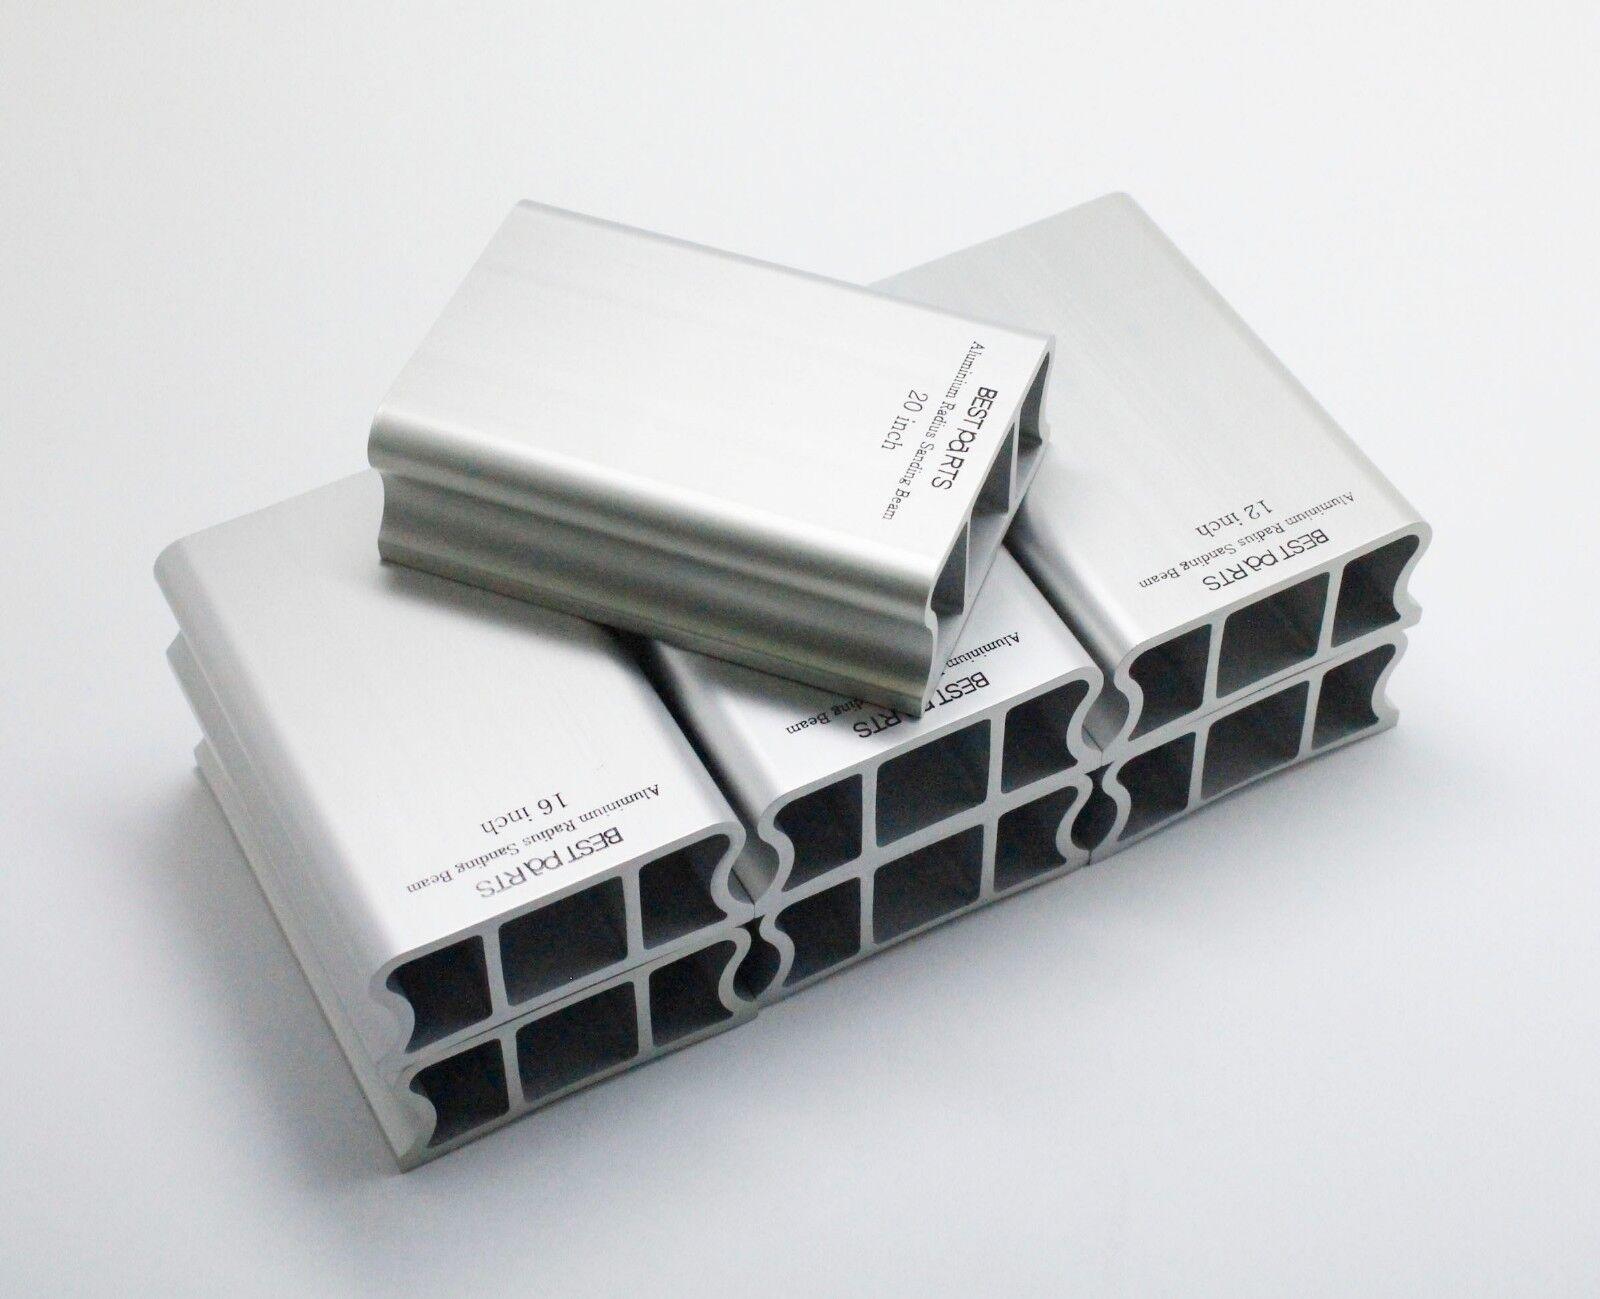 BestpartsAluminium 100mm Radius block SET include 7 different luthier tool